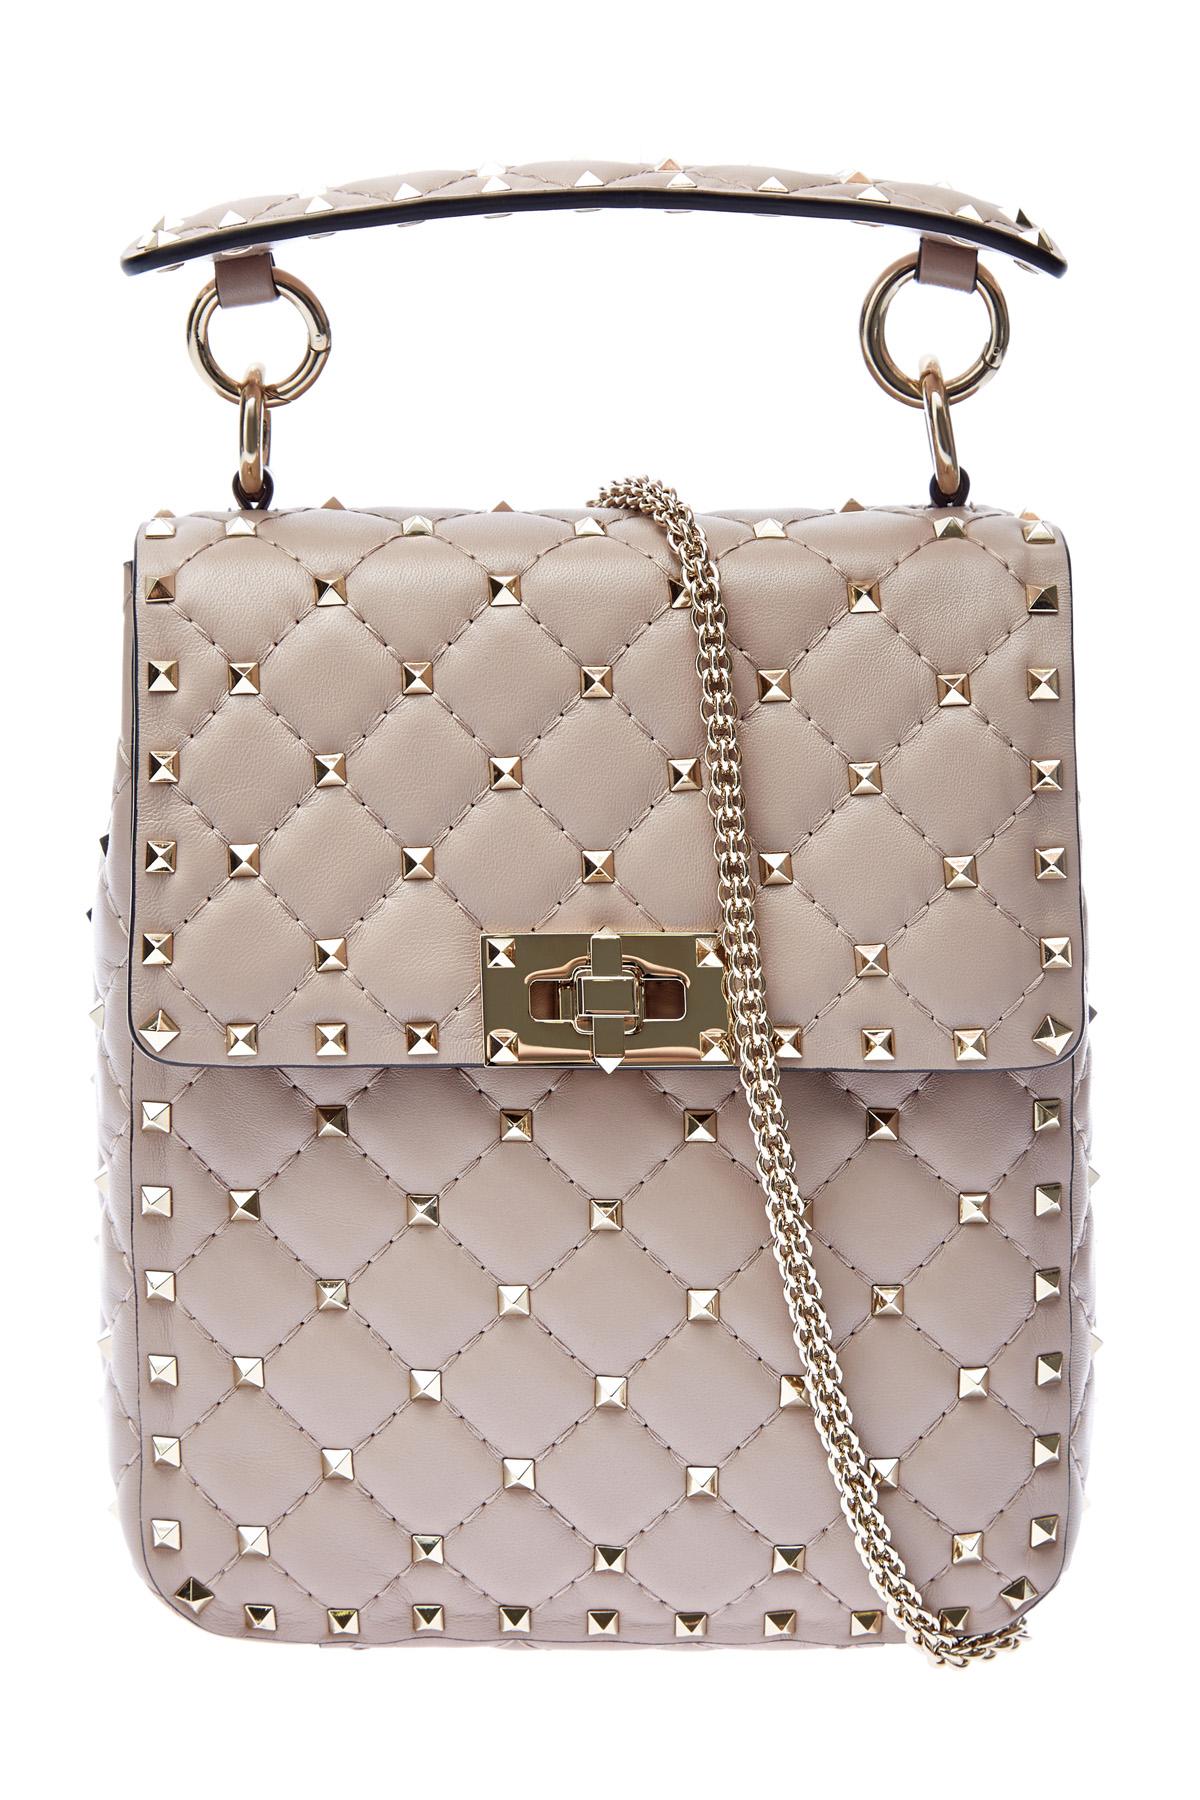 Вертикальная сумка Rockstud Spike из кожи наппа